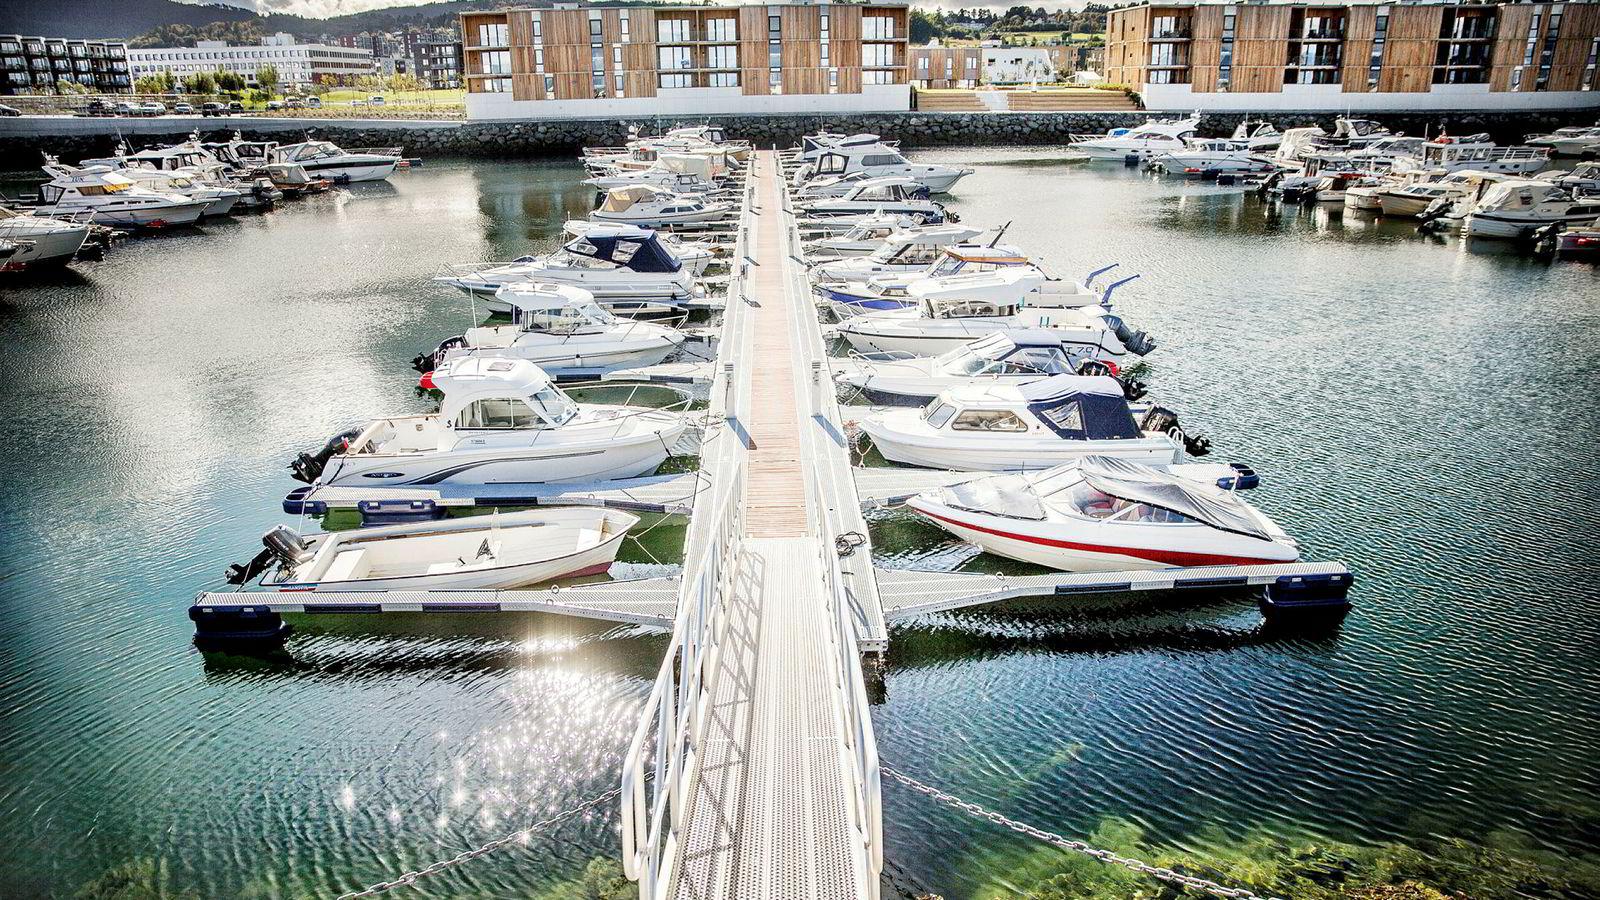 Miljødirektoratet mener 500.000-600.000 norske fritidsbåter med diesel- eller bensinmotor slapp ut 531.000 tonn CO2 i 2017. Det er i så fall mer enn fiskeflåten og også mer enn alle norske ferger slapp ut. Hårreisende galt, mener bransjen selv.